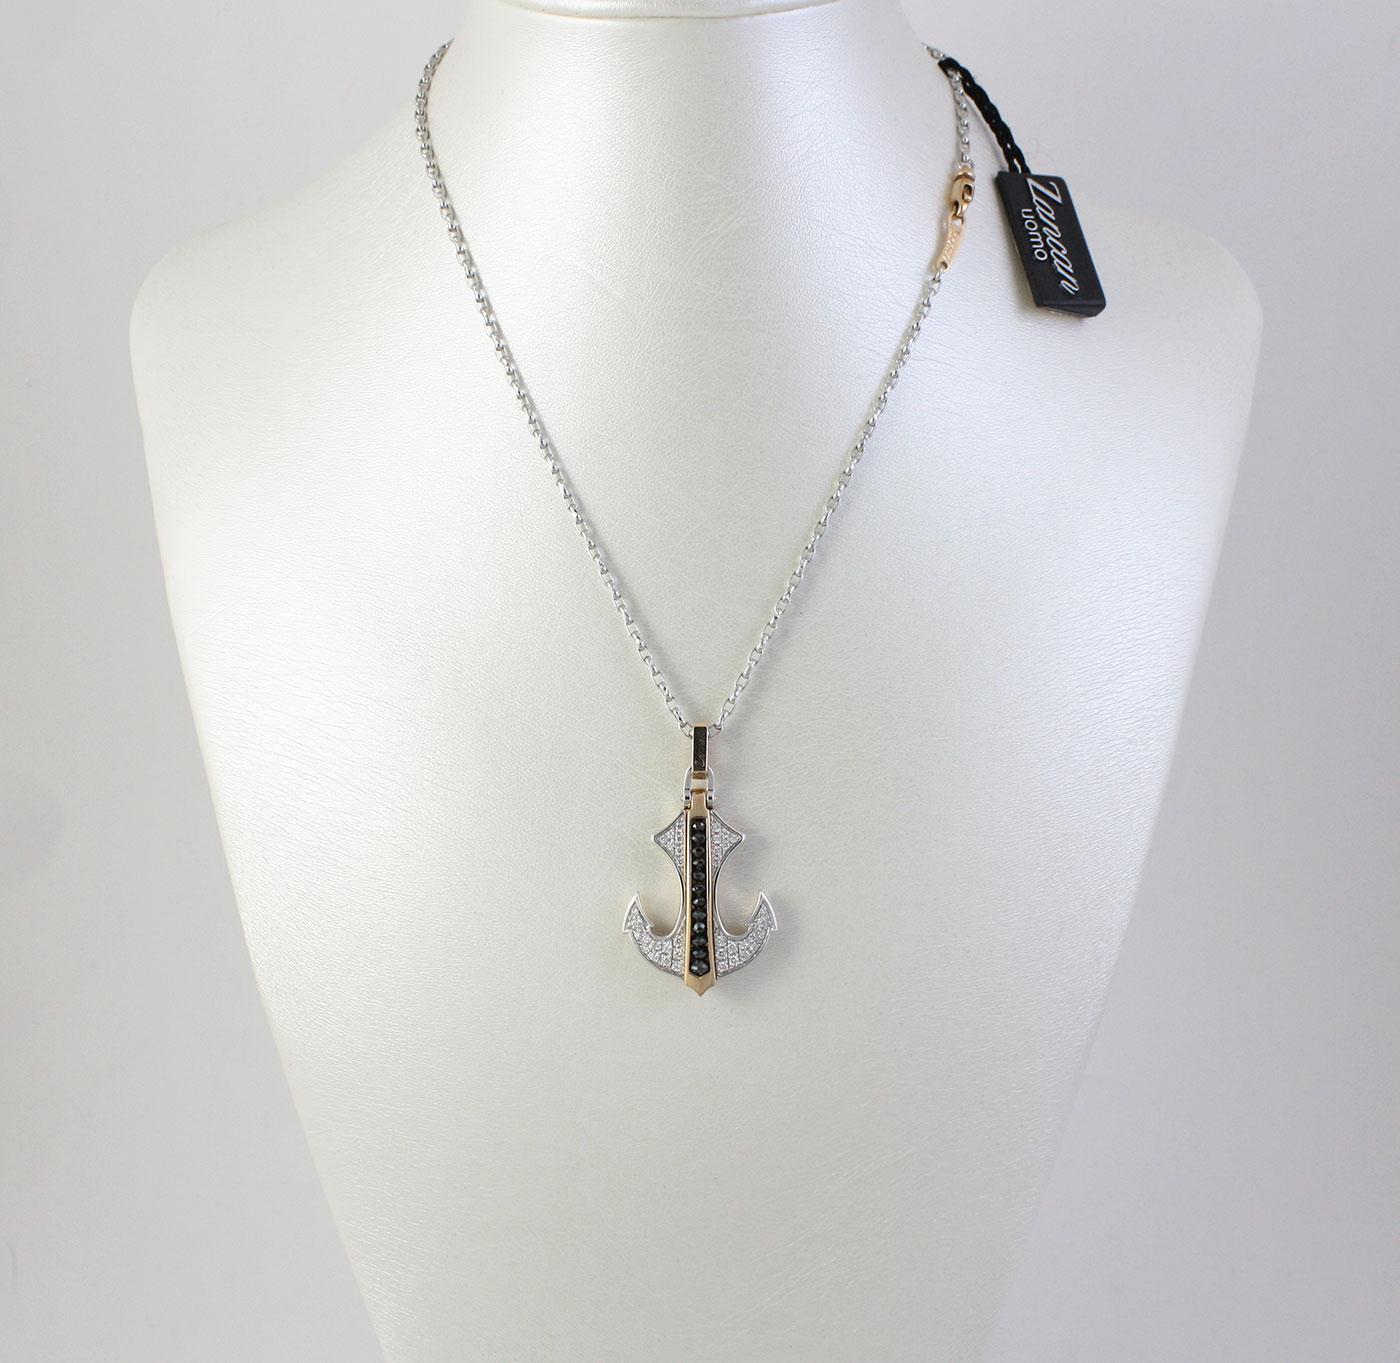 miglior servizio 18815 9e1ab Collana Zancan a forma di àncora in Oro 18 kt e Diamanti ref. EC260RB